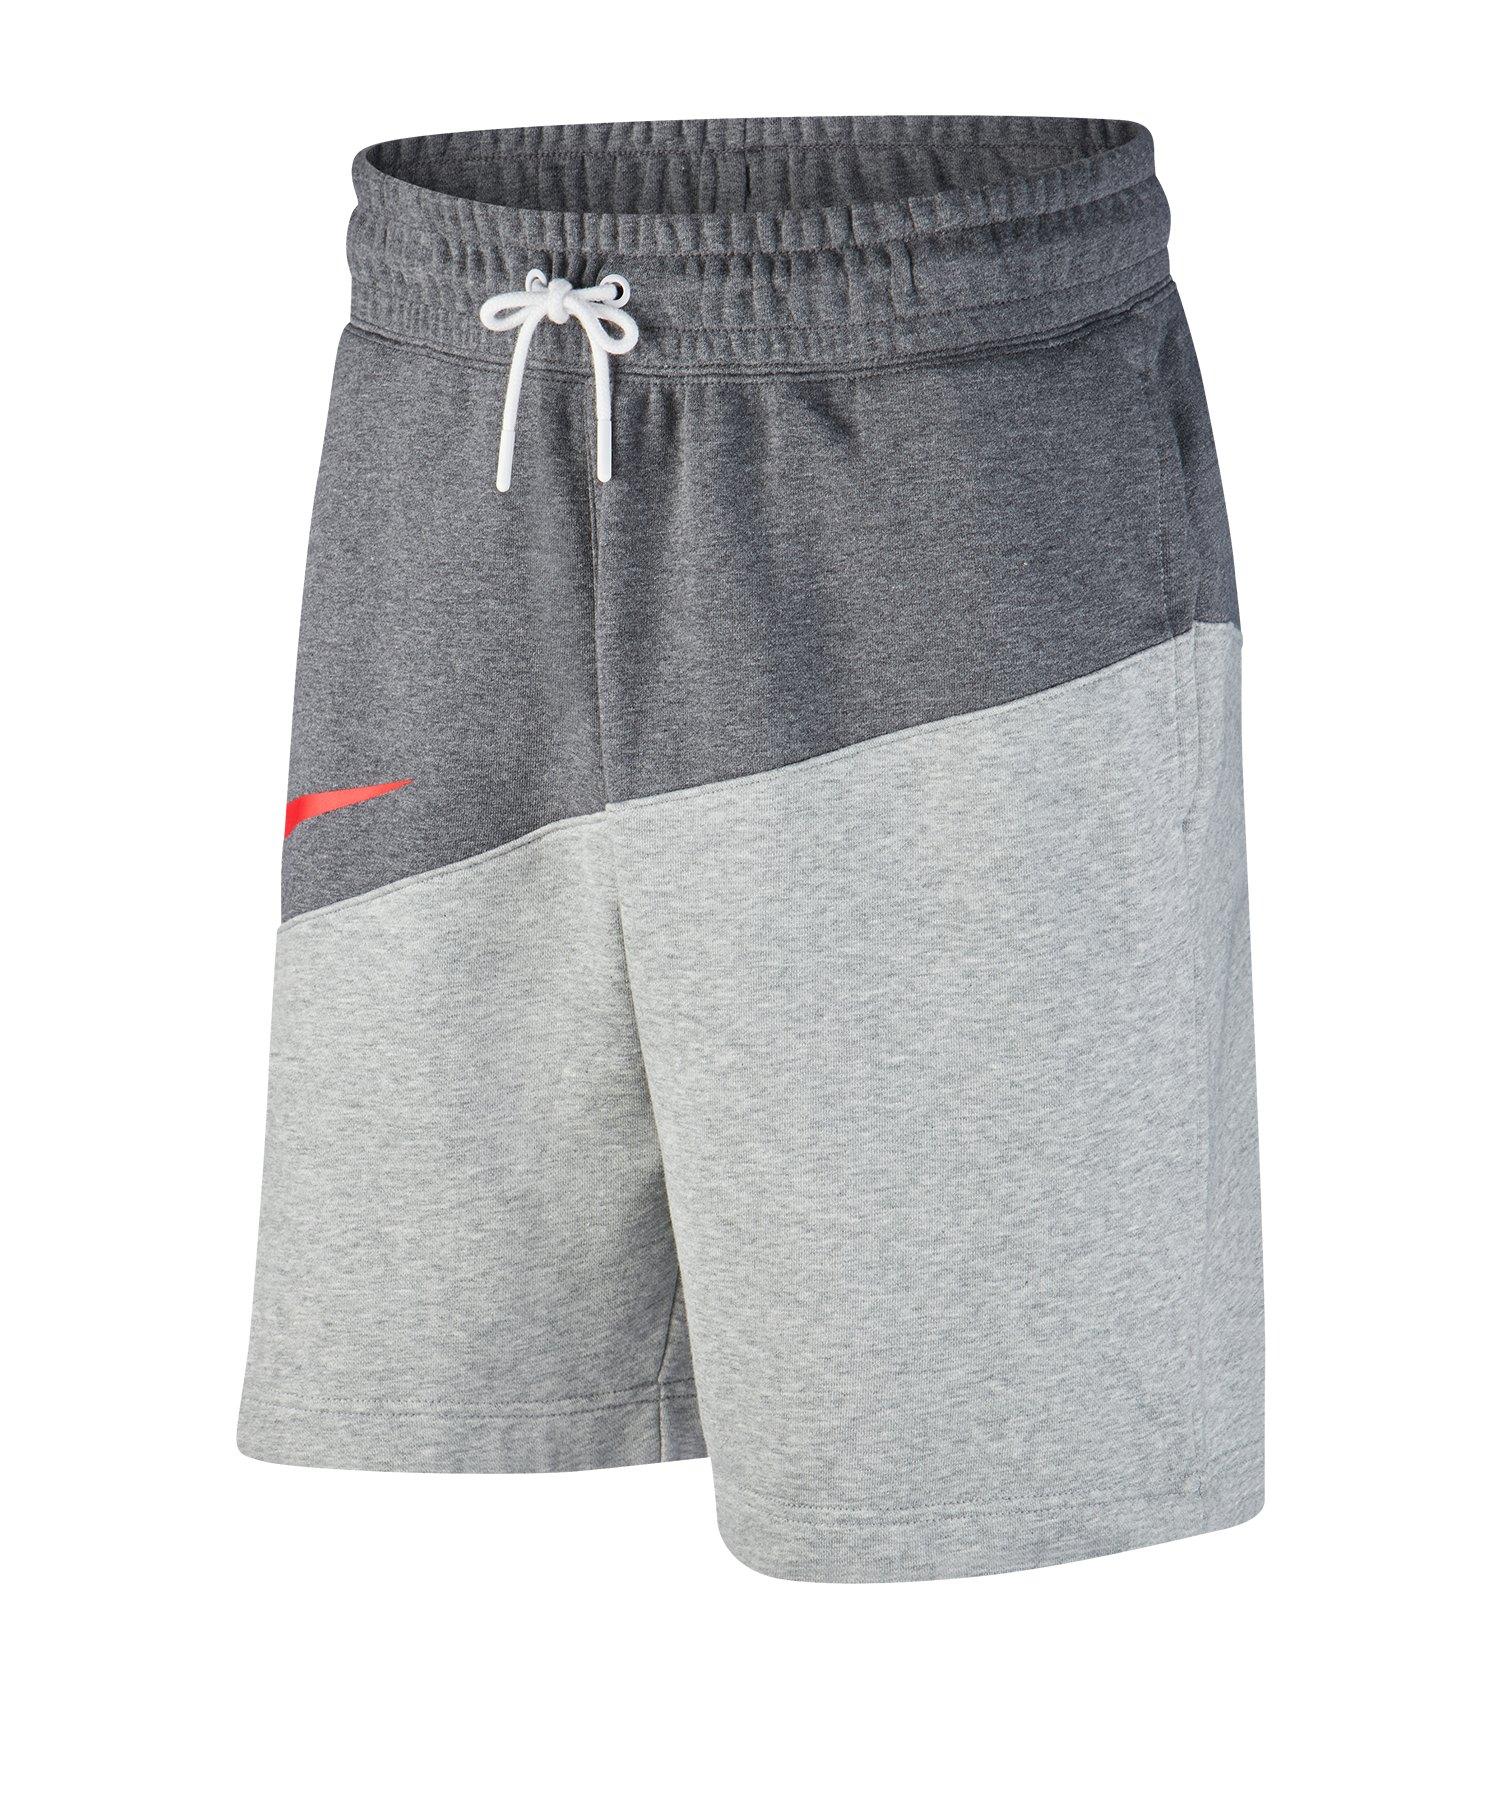 Nike Swoosh French Terry Short Grau F072 - grau